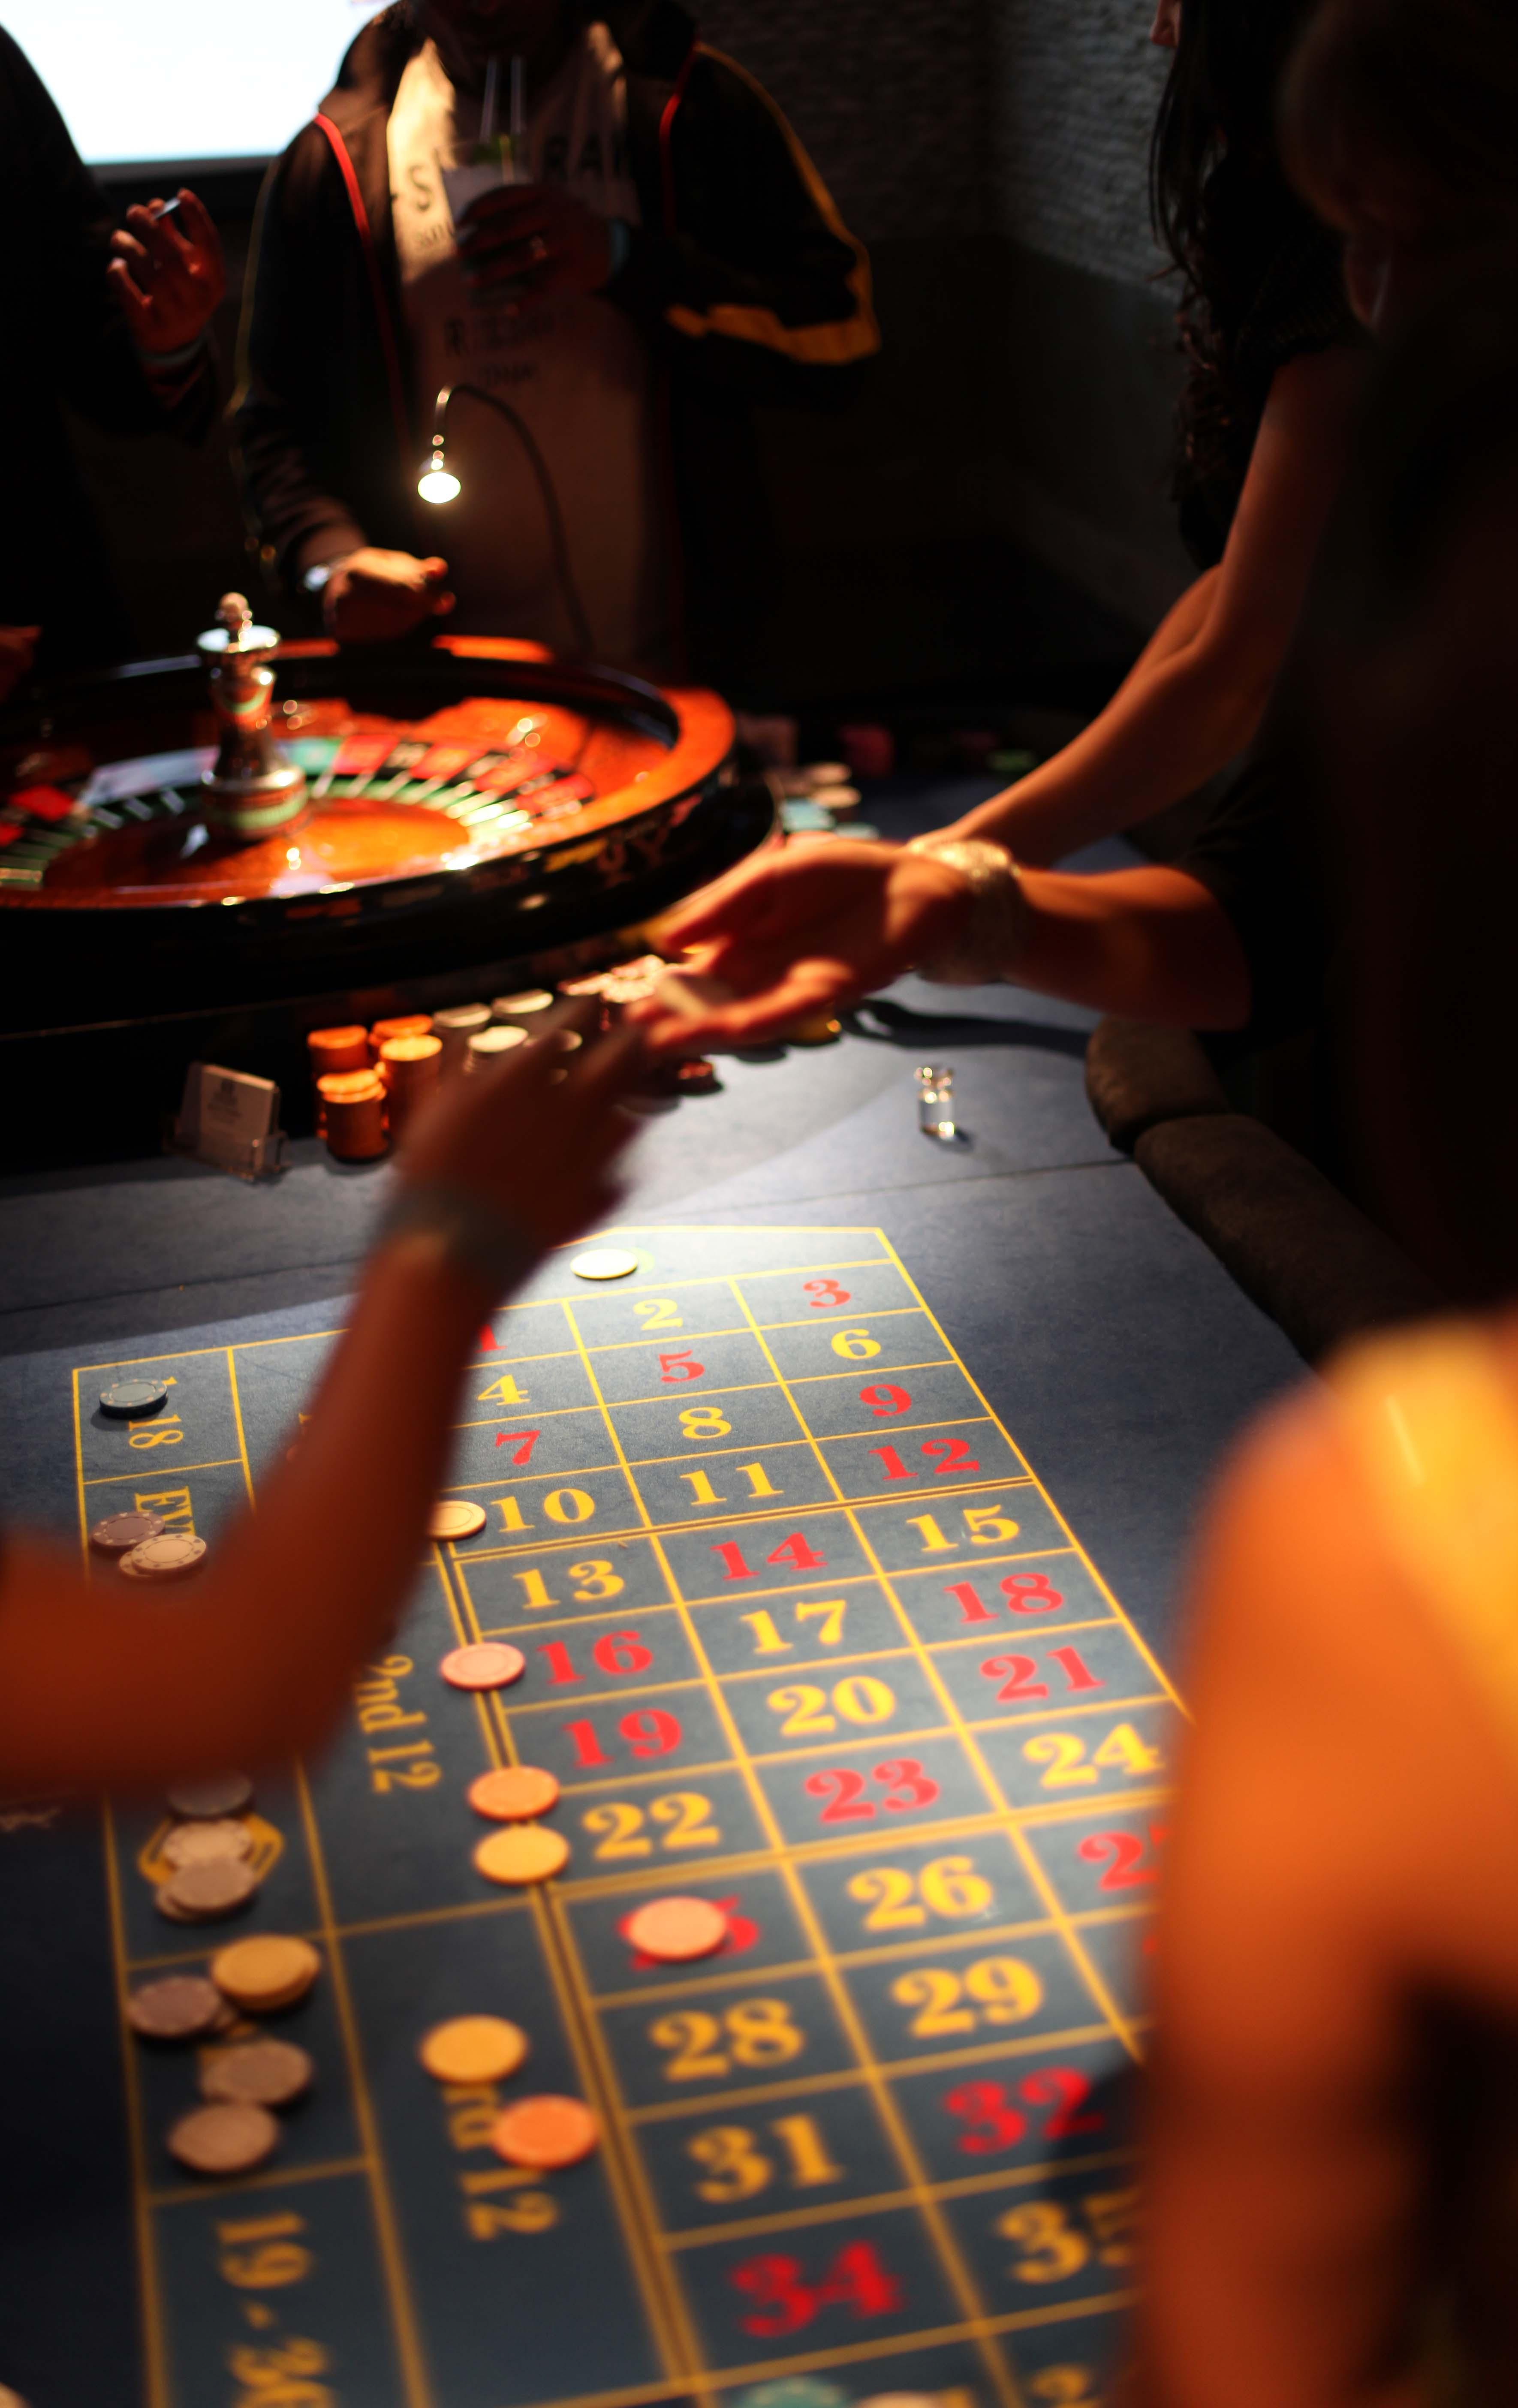 Gambling benefit fund